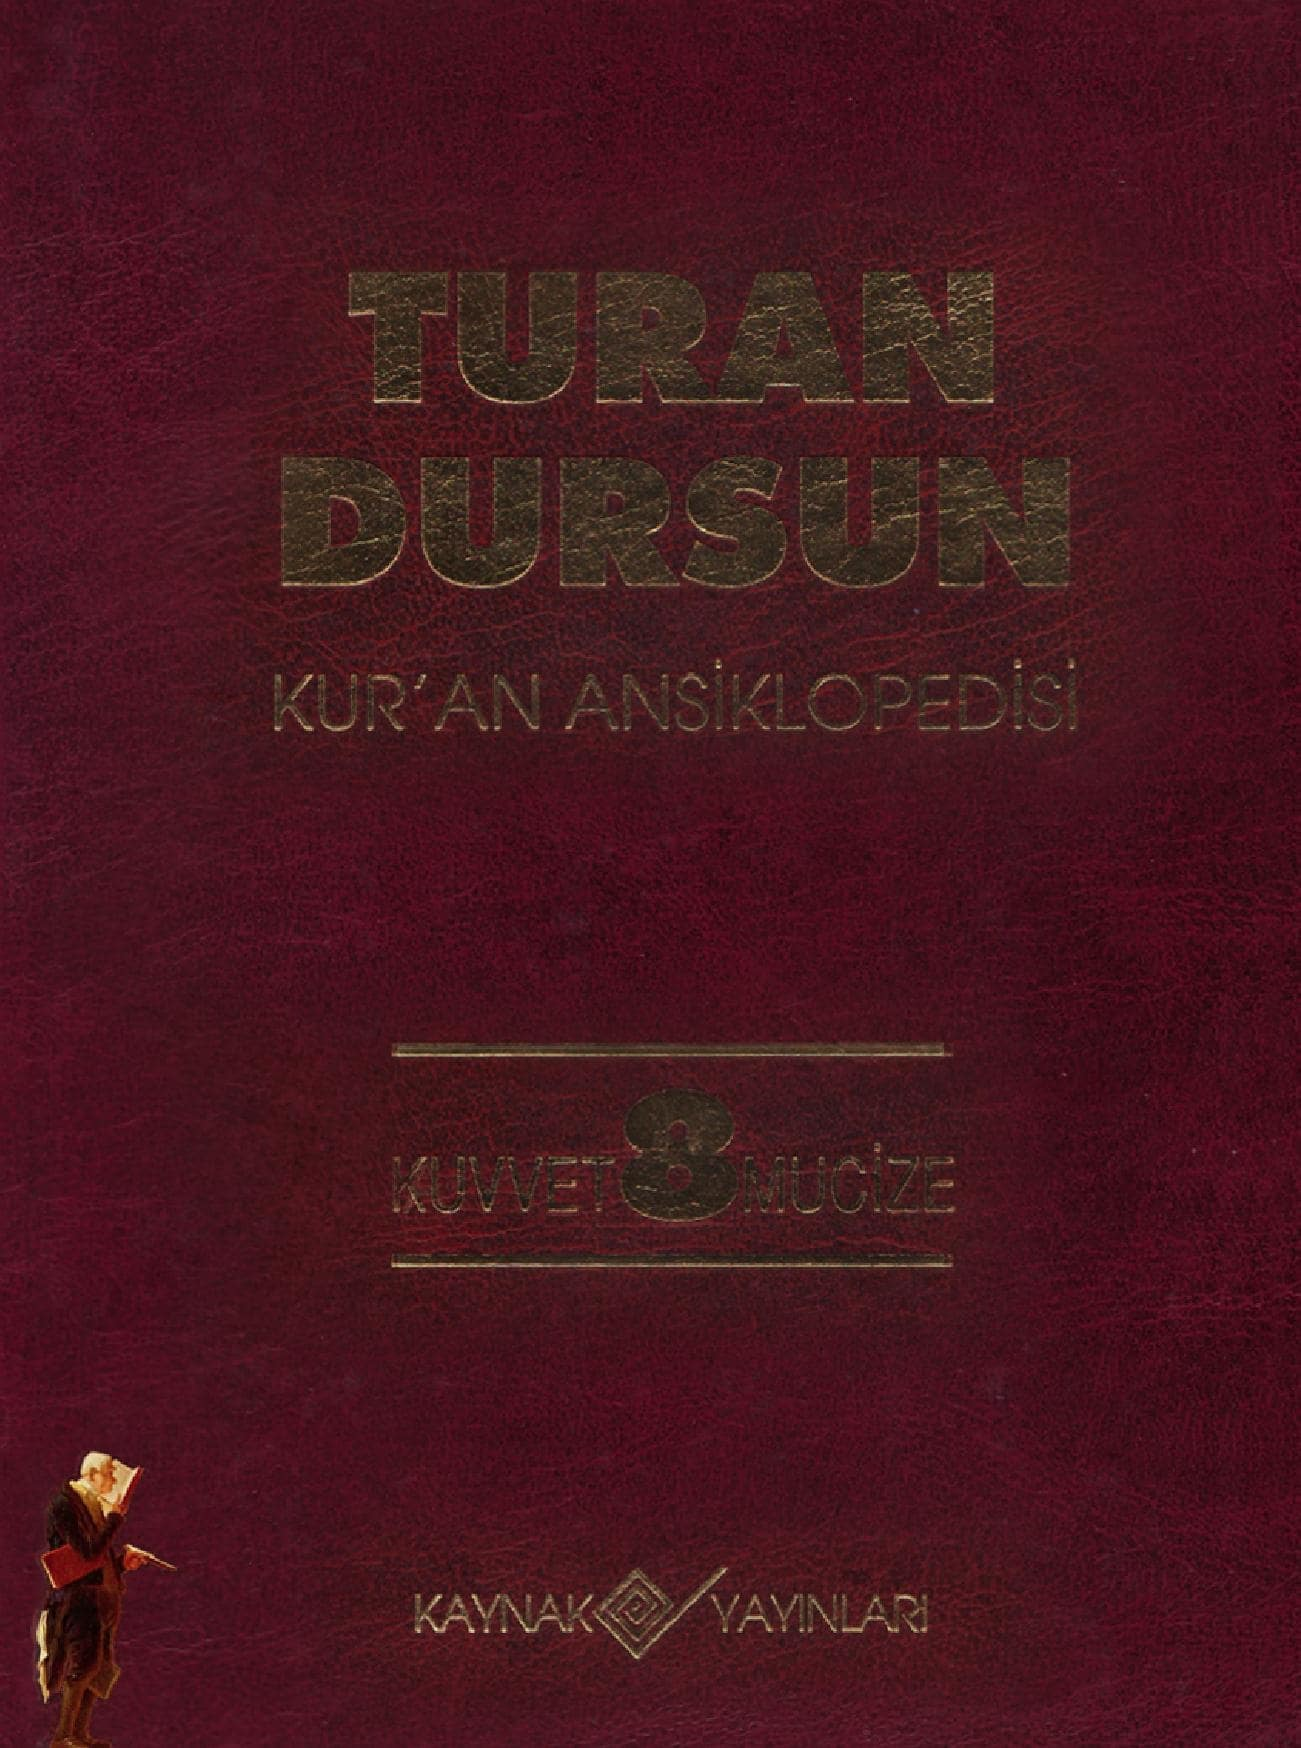 Turan Dursun. Kur'an Ansiklopedisi. 8. Cilt: Kuvvet-Mucize (1994)